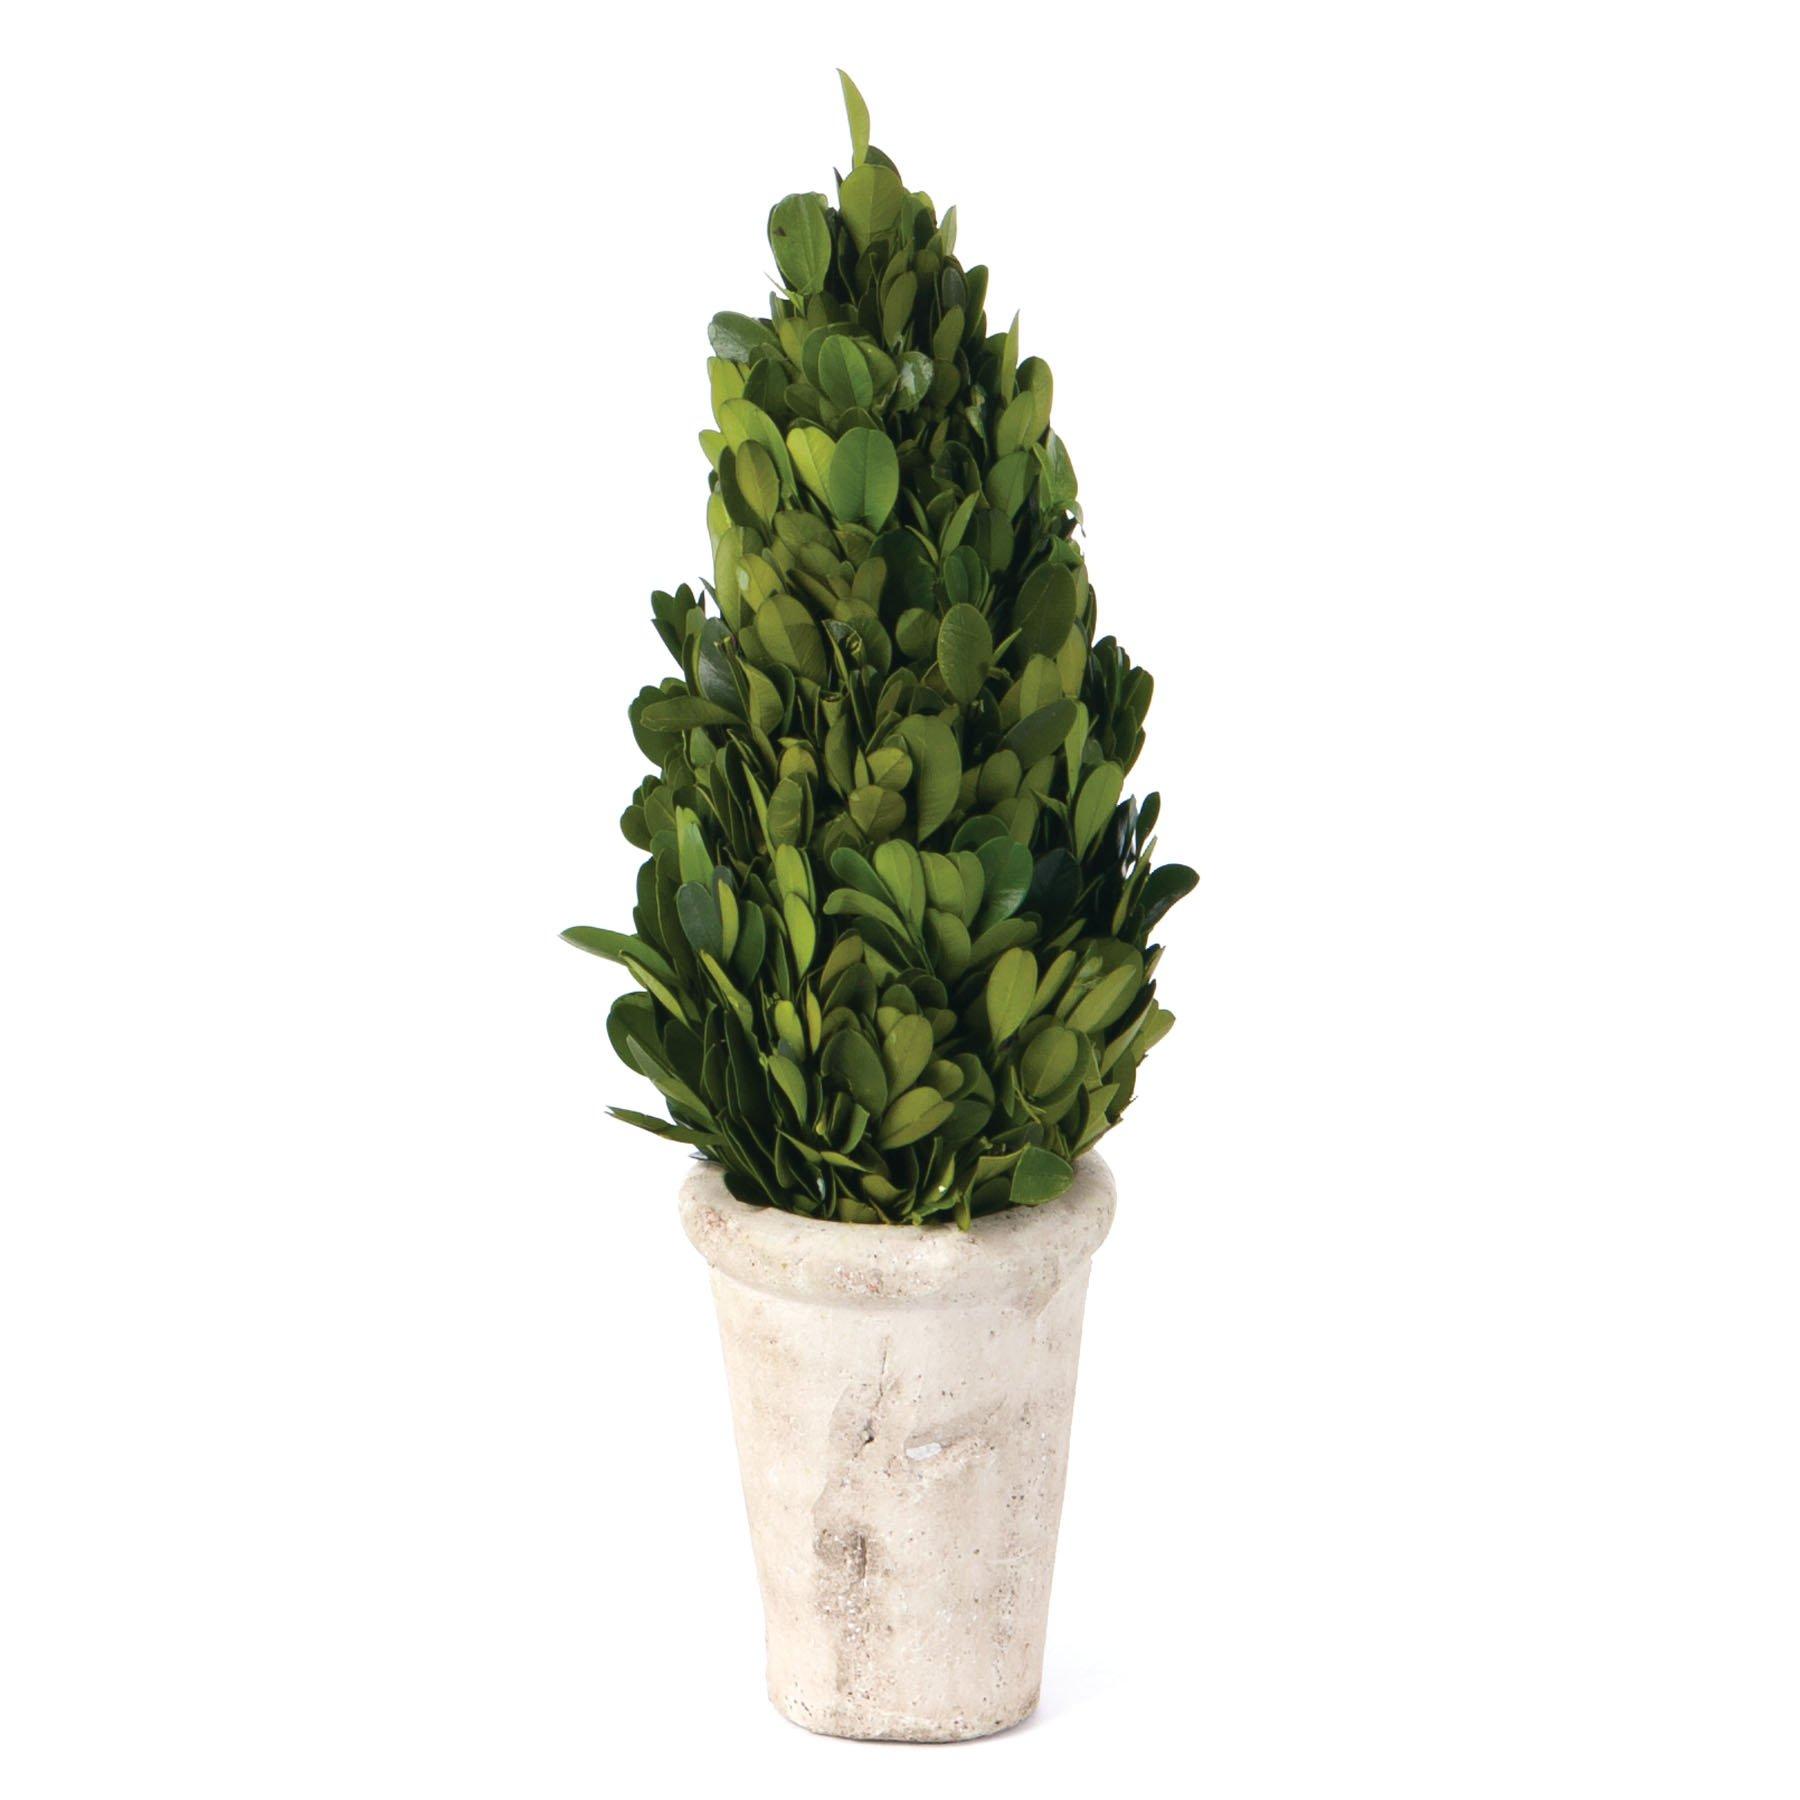 Skalny Indoor Preserved Boxwood Cone Topiary, 4 x 12'' by Skalny